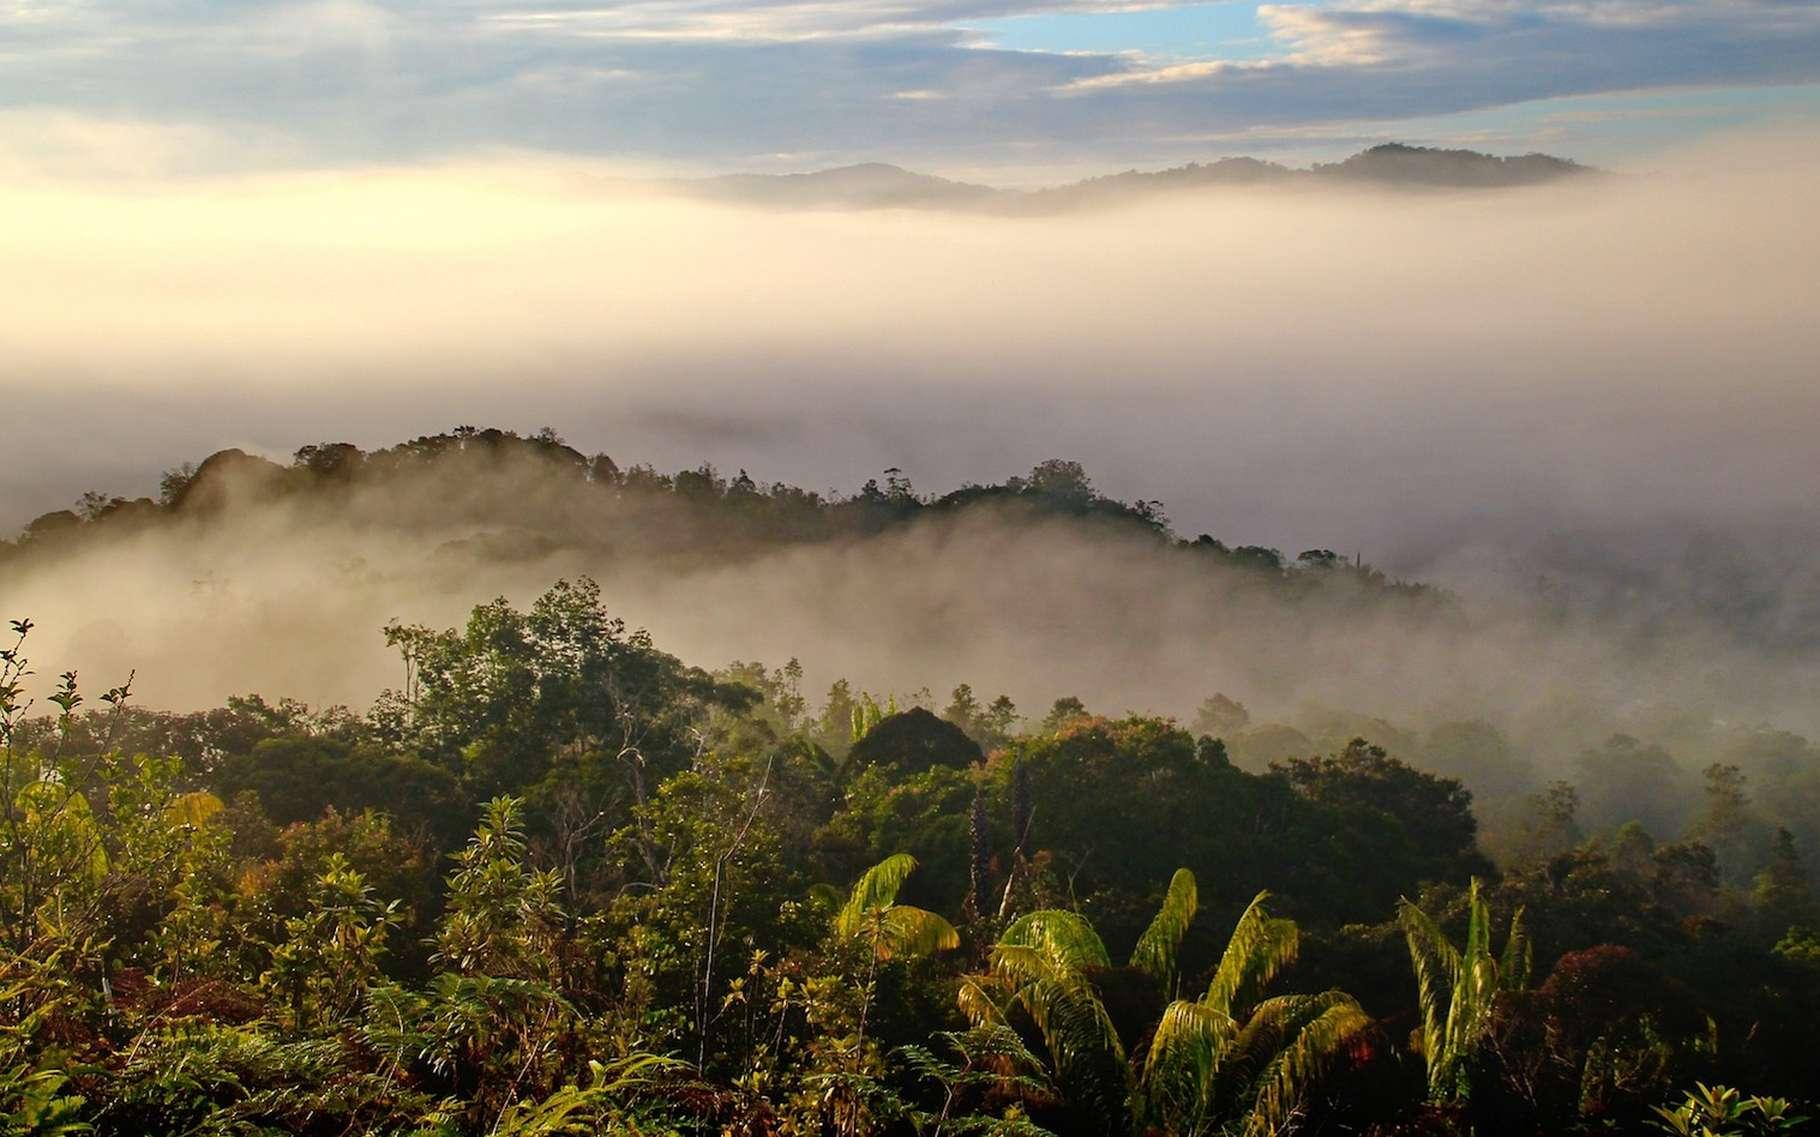 Les fourmis kamikazes de Bornéo vivent dans la canopée de la forêt. © labanglonghouse, Pixabay, CC0 Creative Commons